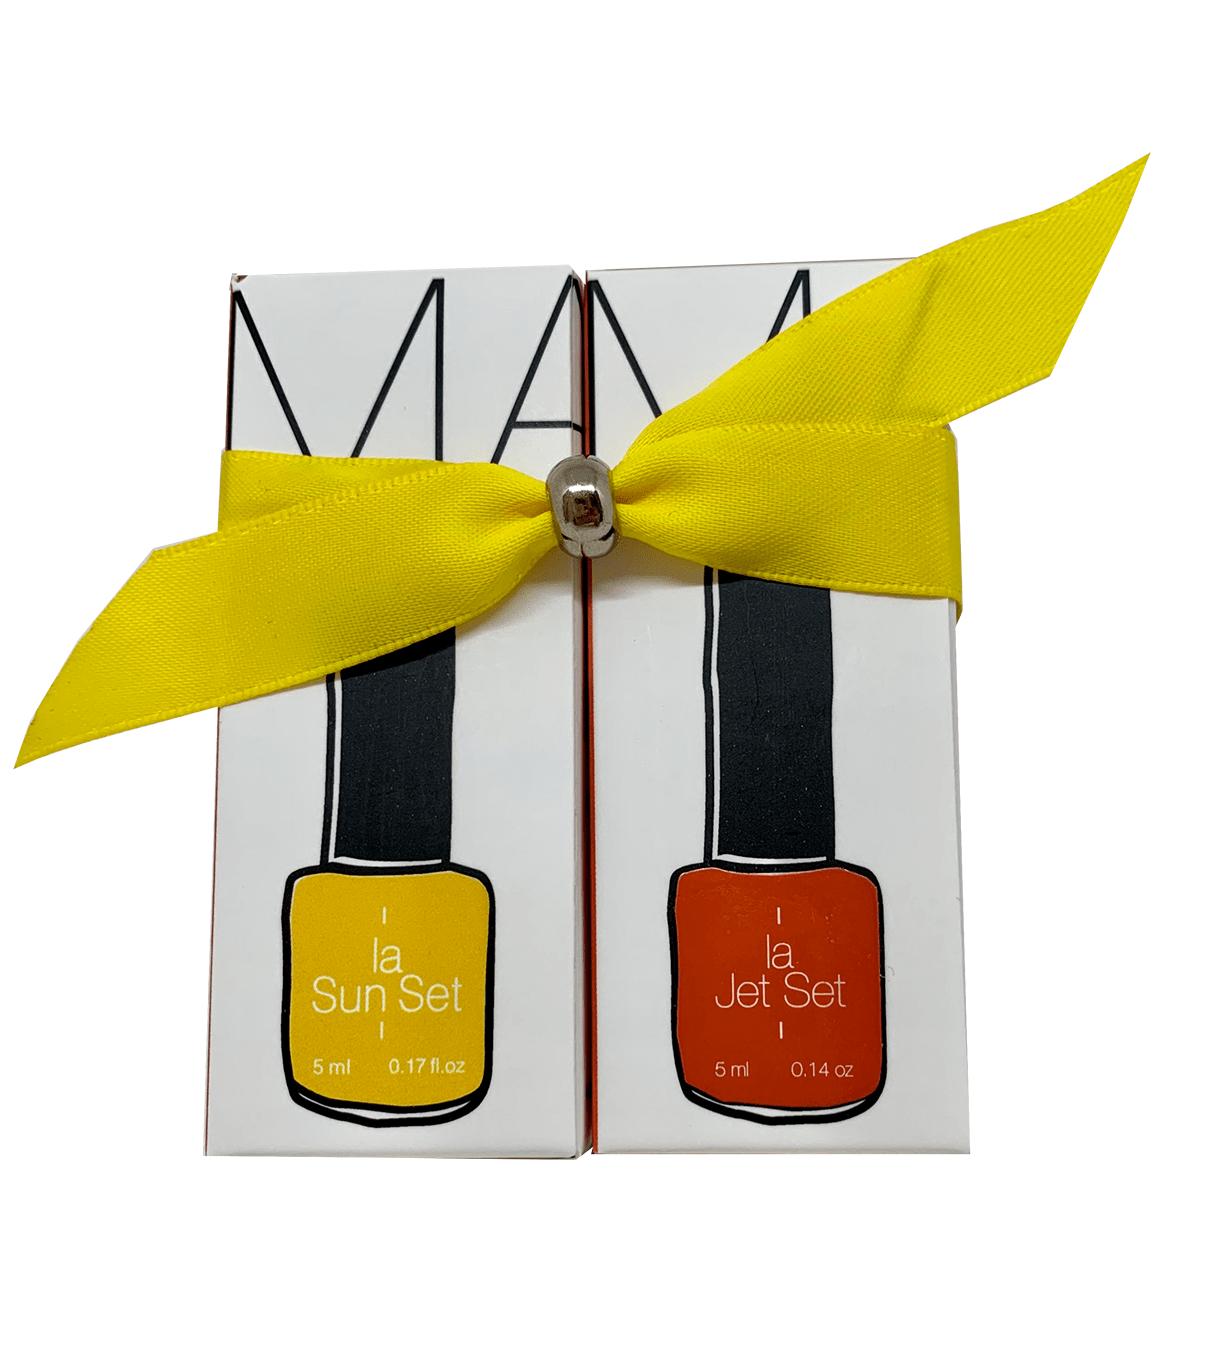 coffret cadeau marinho paris avec vernis semi-permanent jaune et vernis semi-permanent orange et ruban jaune